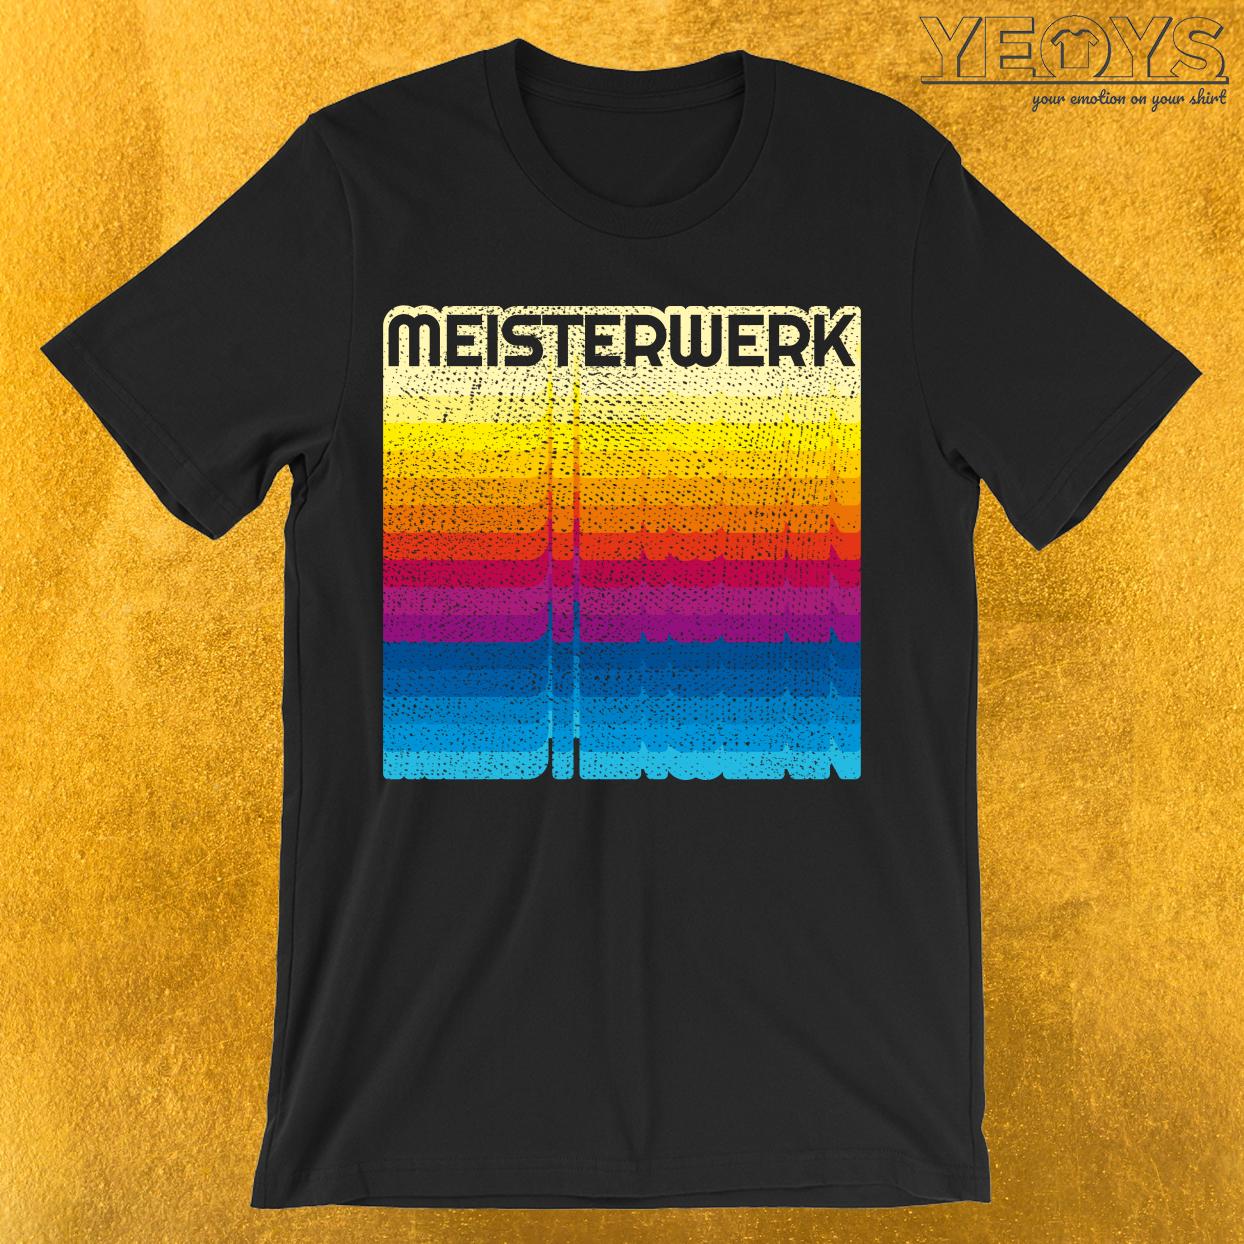 Meisterwerk T-Shirt